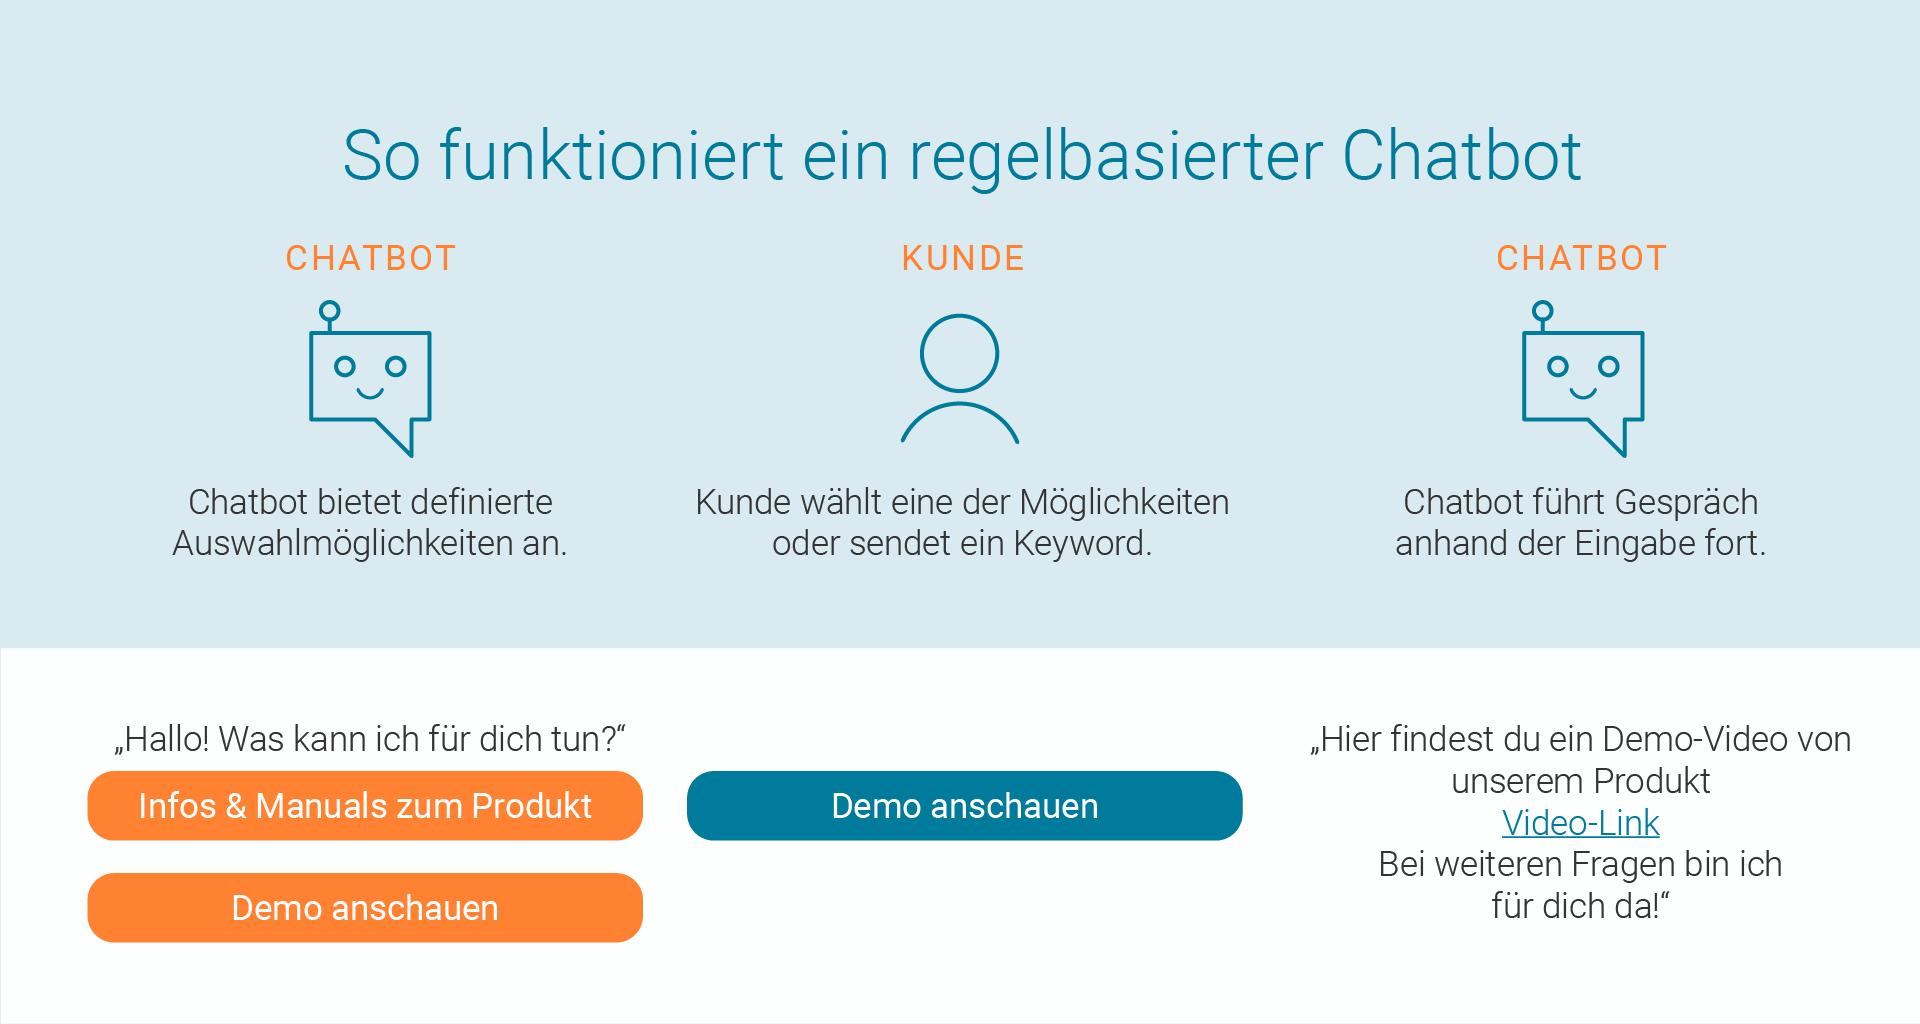 LINK Mobility - so funktioniert ein regelbasierter Chatbot